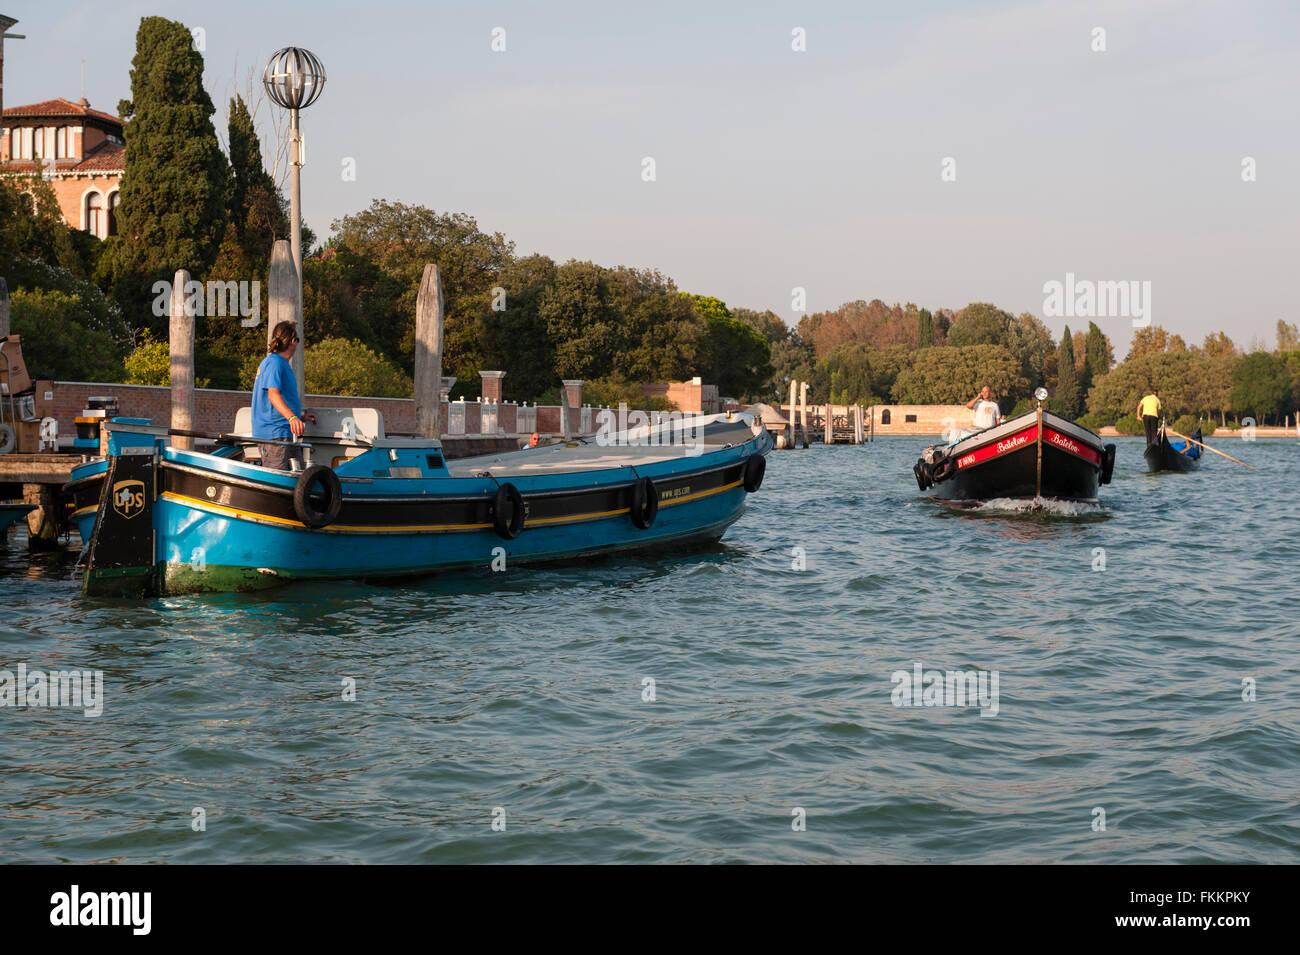 Venise, Italie. Un UPS (United Parcel Service, Inc.) livraison barge sur un canal à l'extérieur de Photo Stock